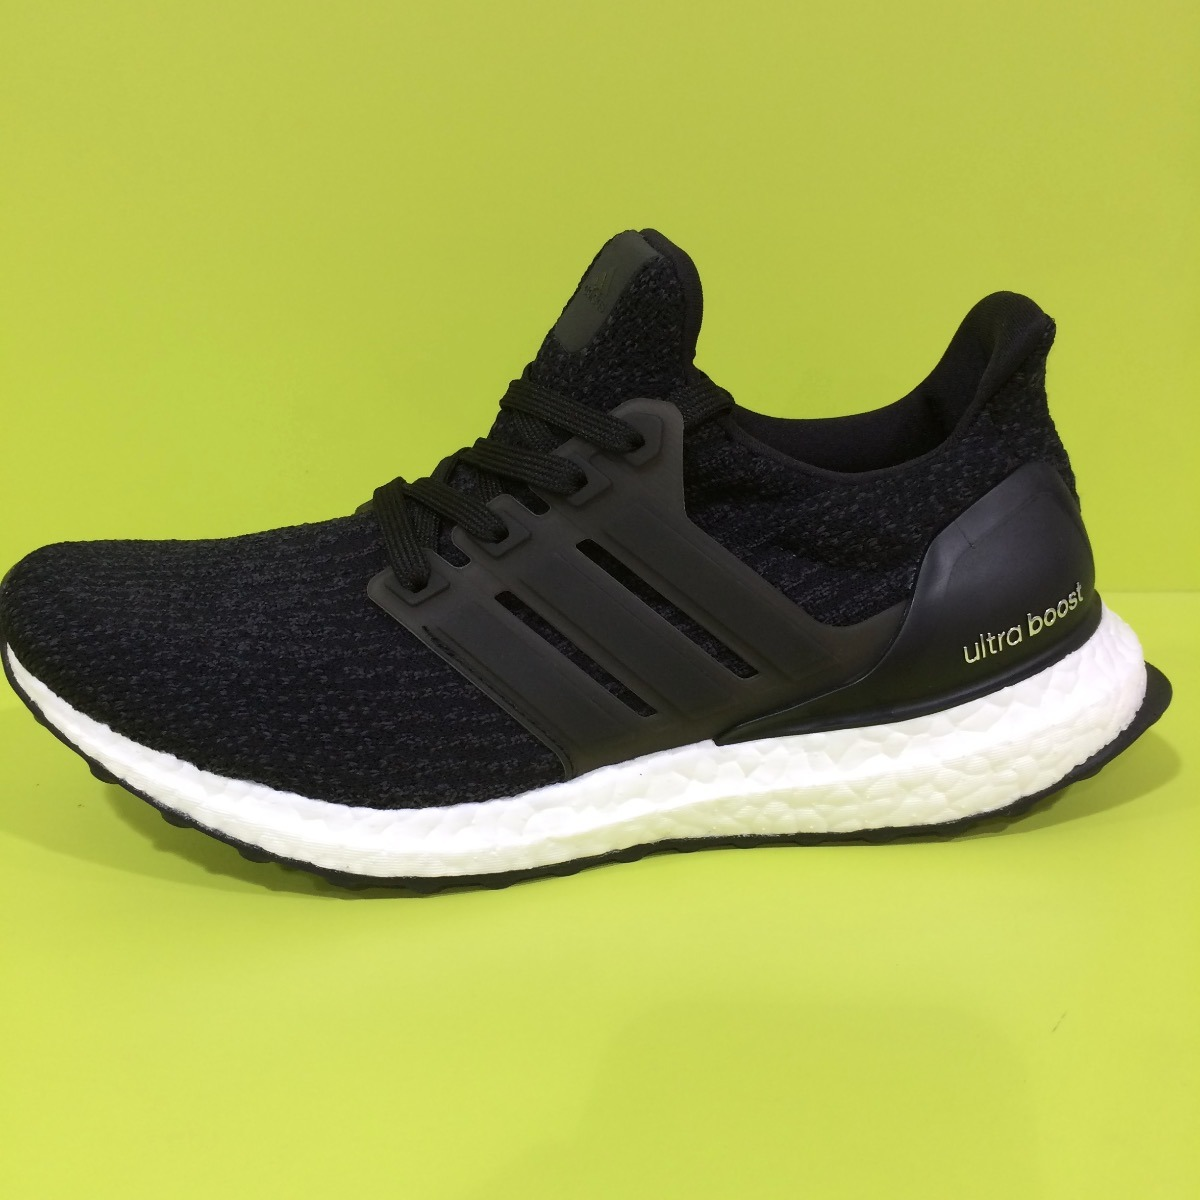 b33fb4ebdcdc4 Zapatos adidas Ultra Boost 3.0 - Para Damas - S80682 - Bs. 747.500 ...